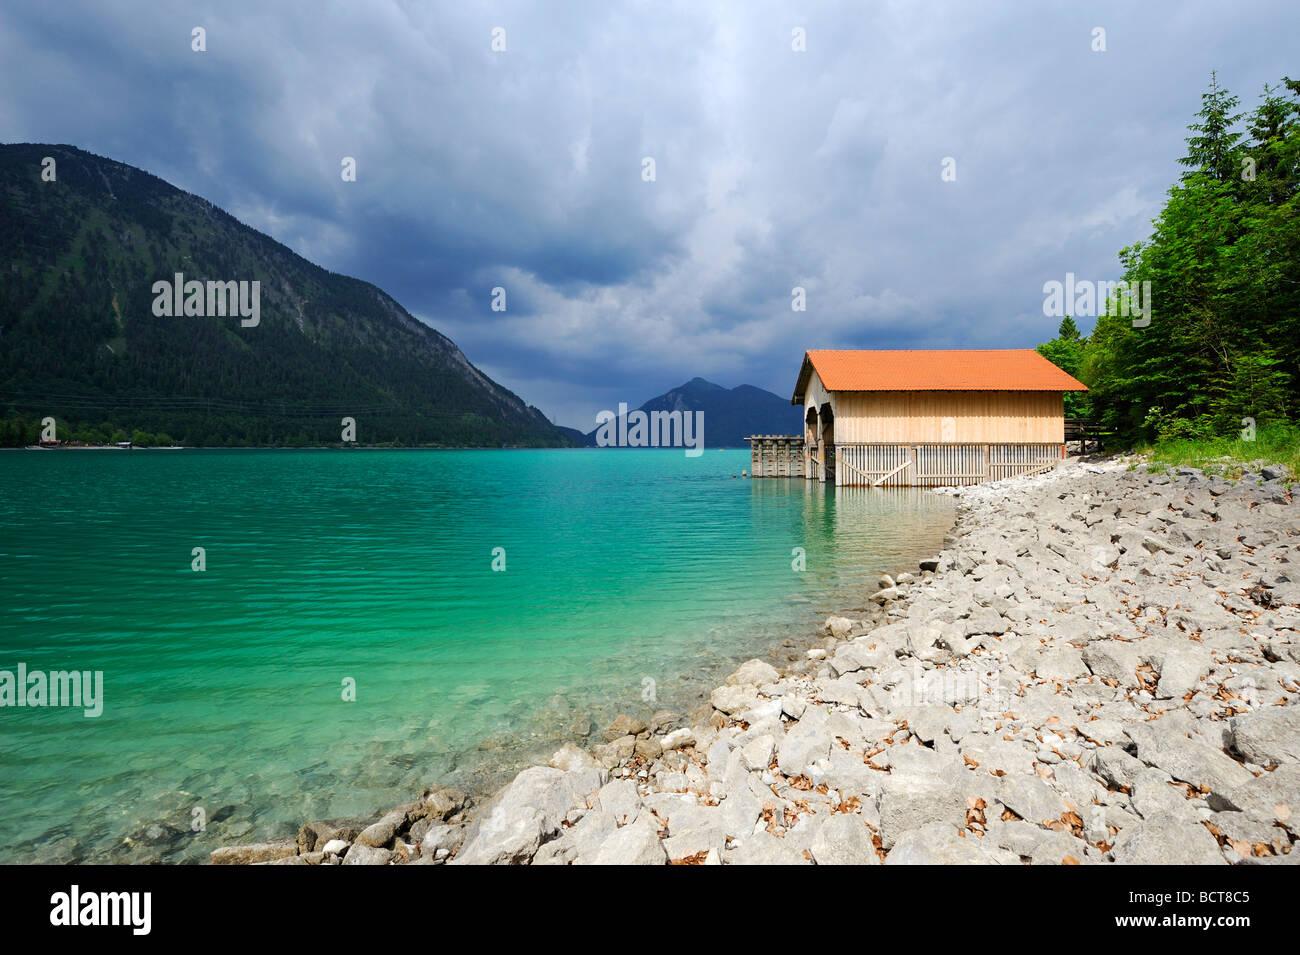 Bateaux sur le lac Walchensee, Mt. Jochberg sur l'horizon, district de Bad Toelz-Wolfratshausen, Bavaria, Germany, Photo Stock